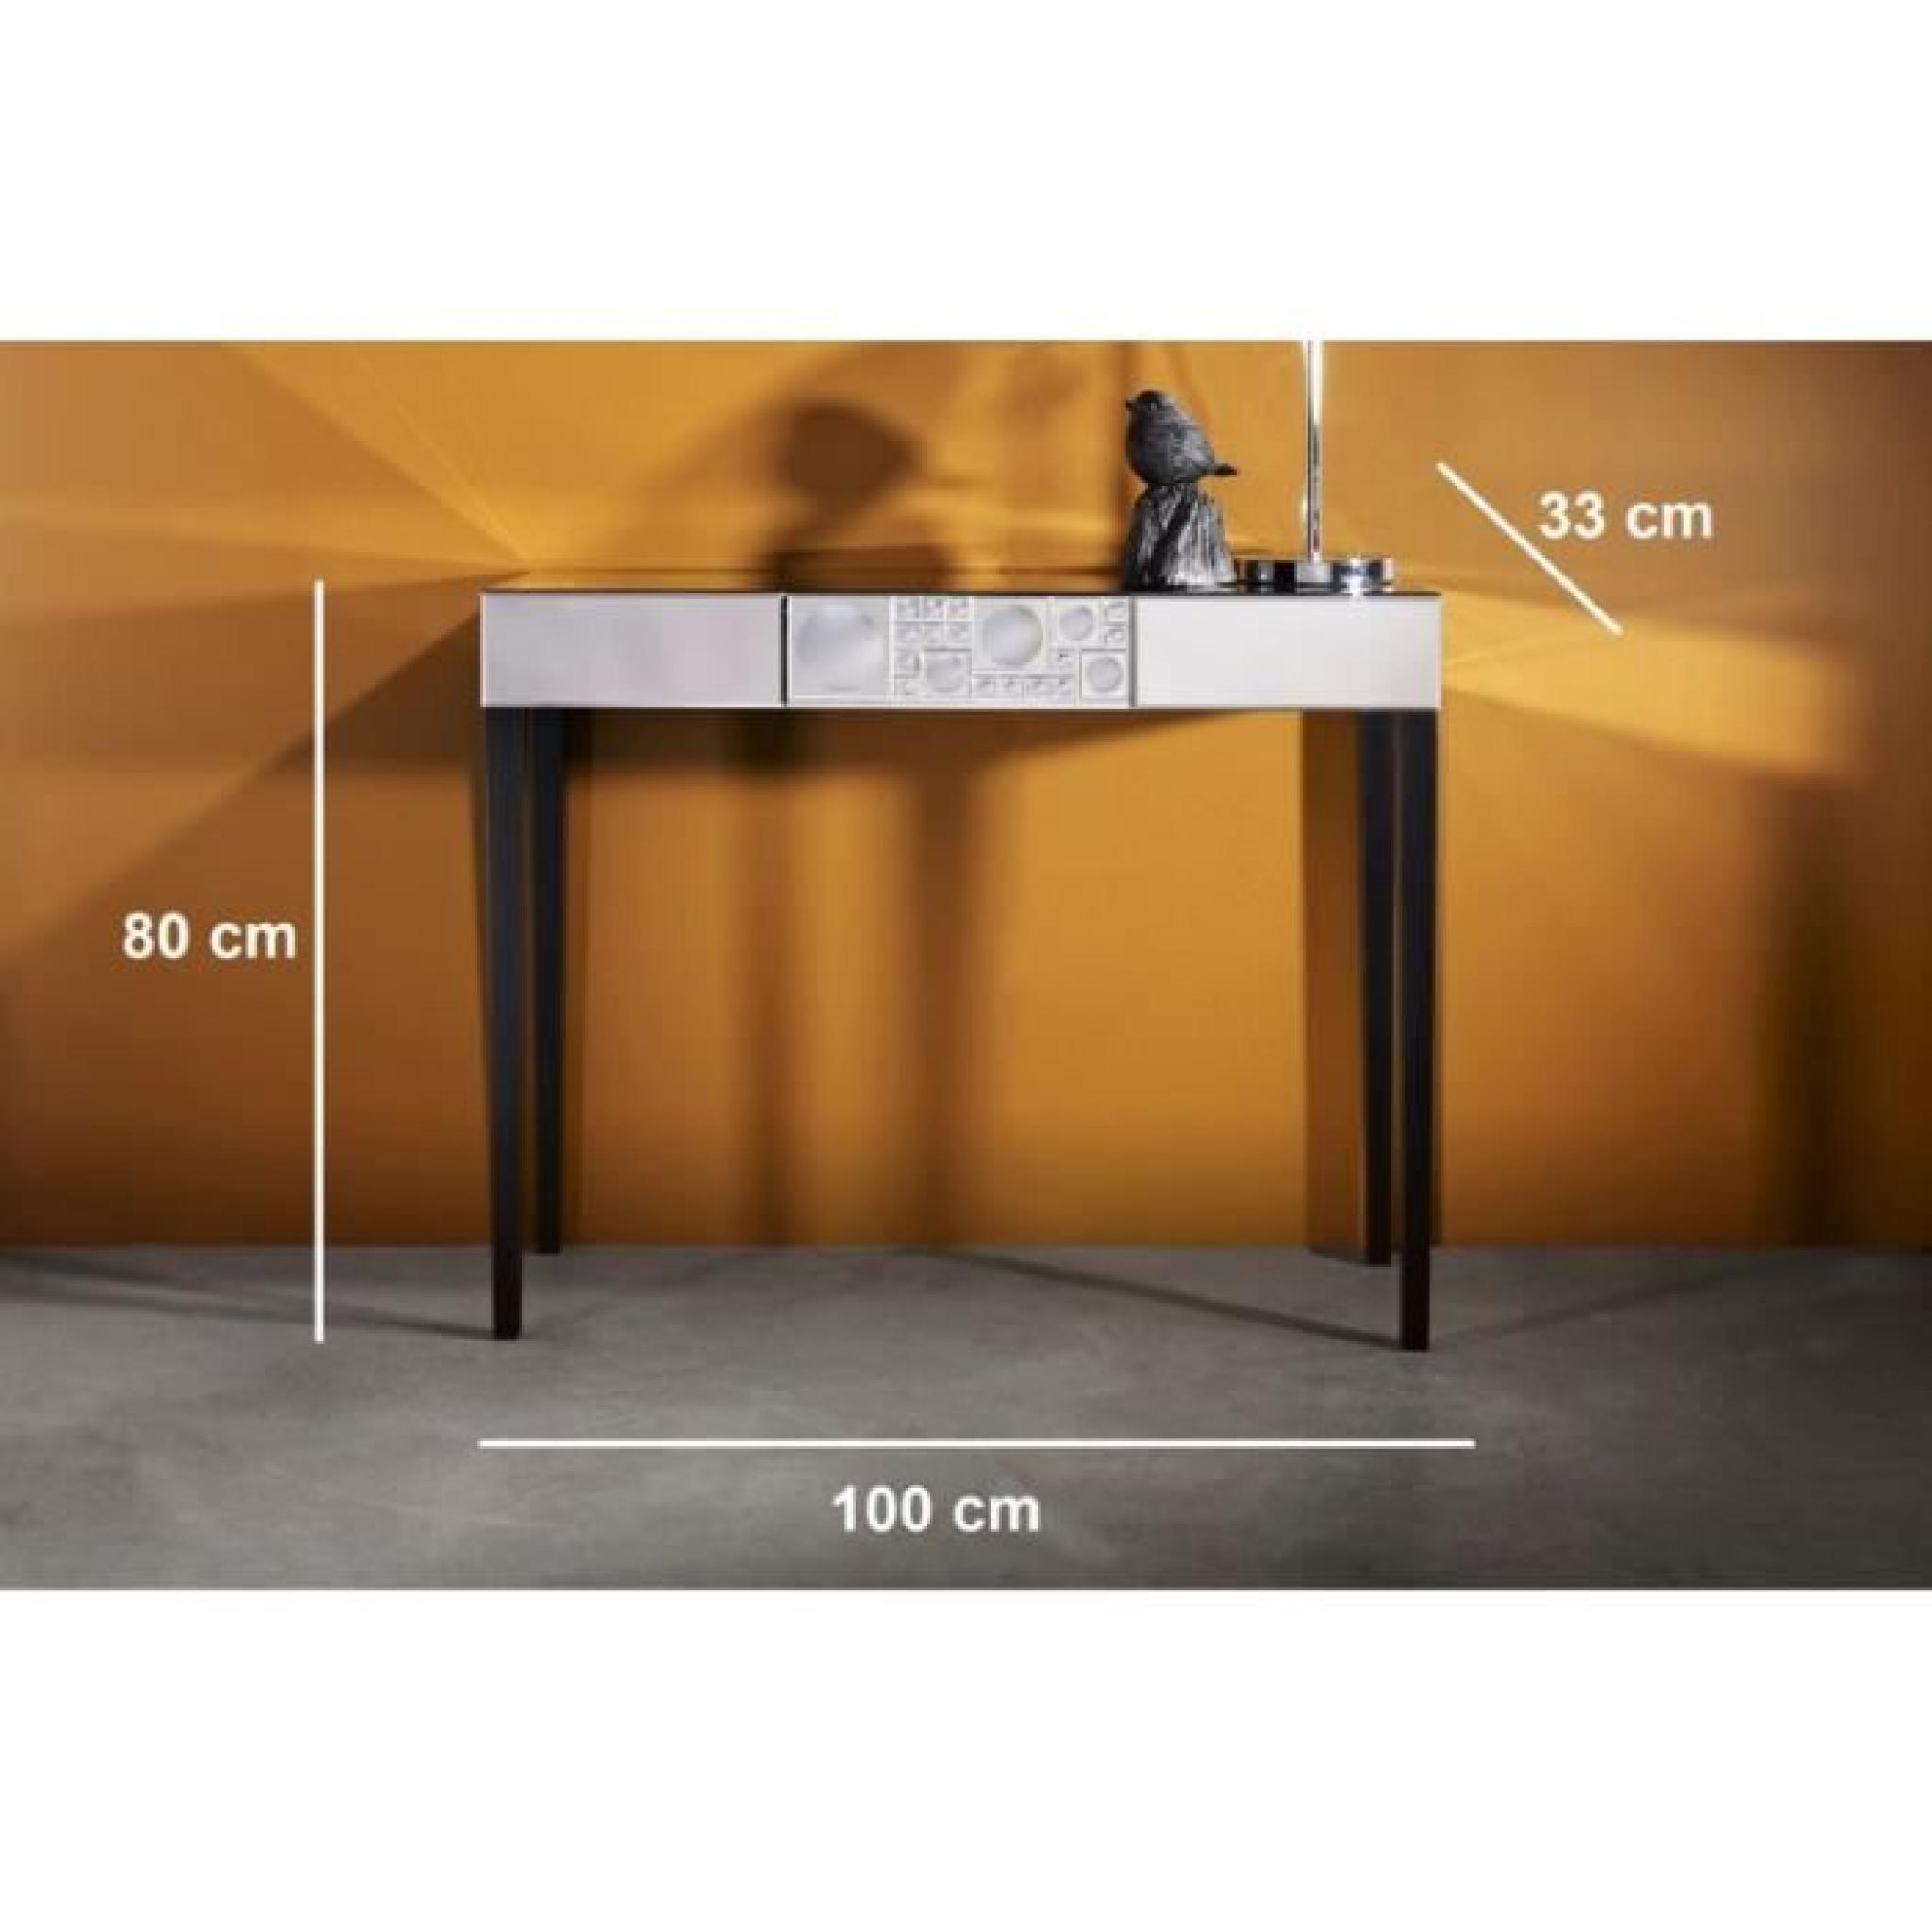 ur ensemble console miroir design achat vente console meuble pas cher couleur et. Black Bedroom Furniture Sets. Home Design Ideas